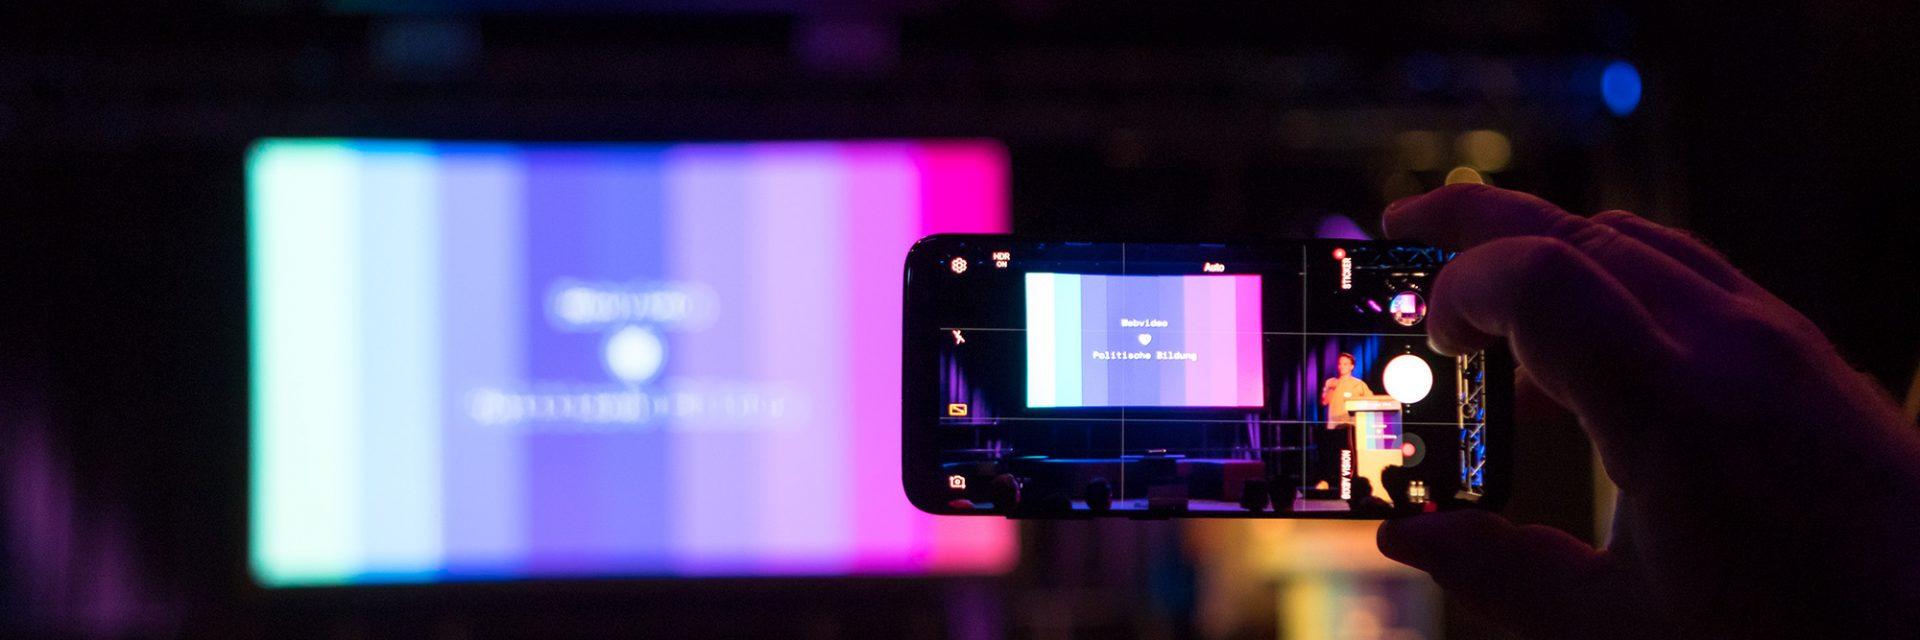 Kamerabildschirm filmt eine große Leinwand ab, auf dem das Logo und die Farben von Bewegtbildung.net zu sehen sind.